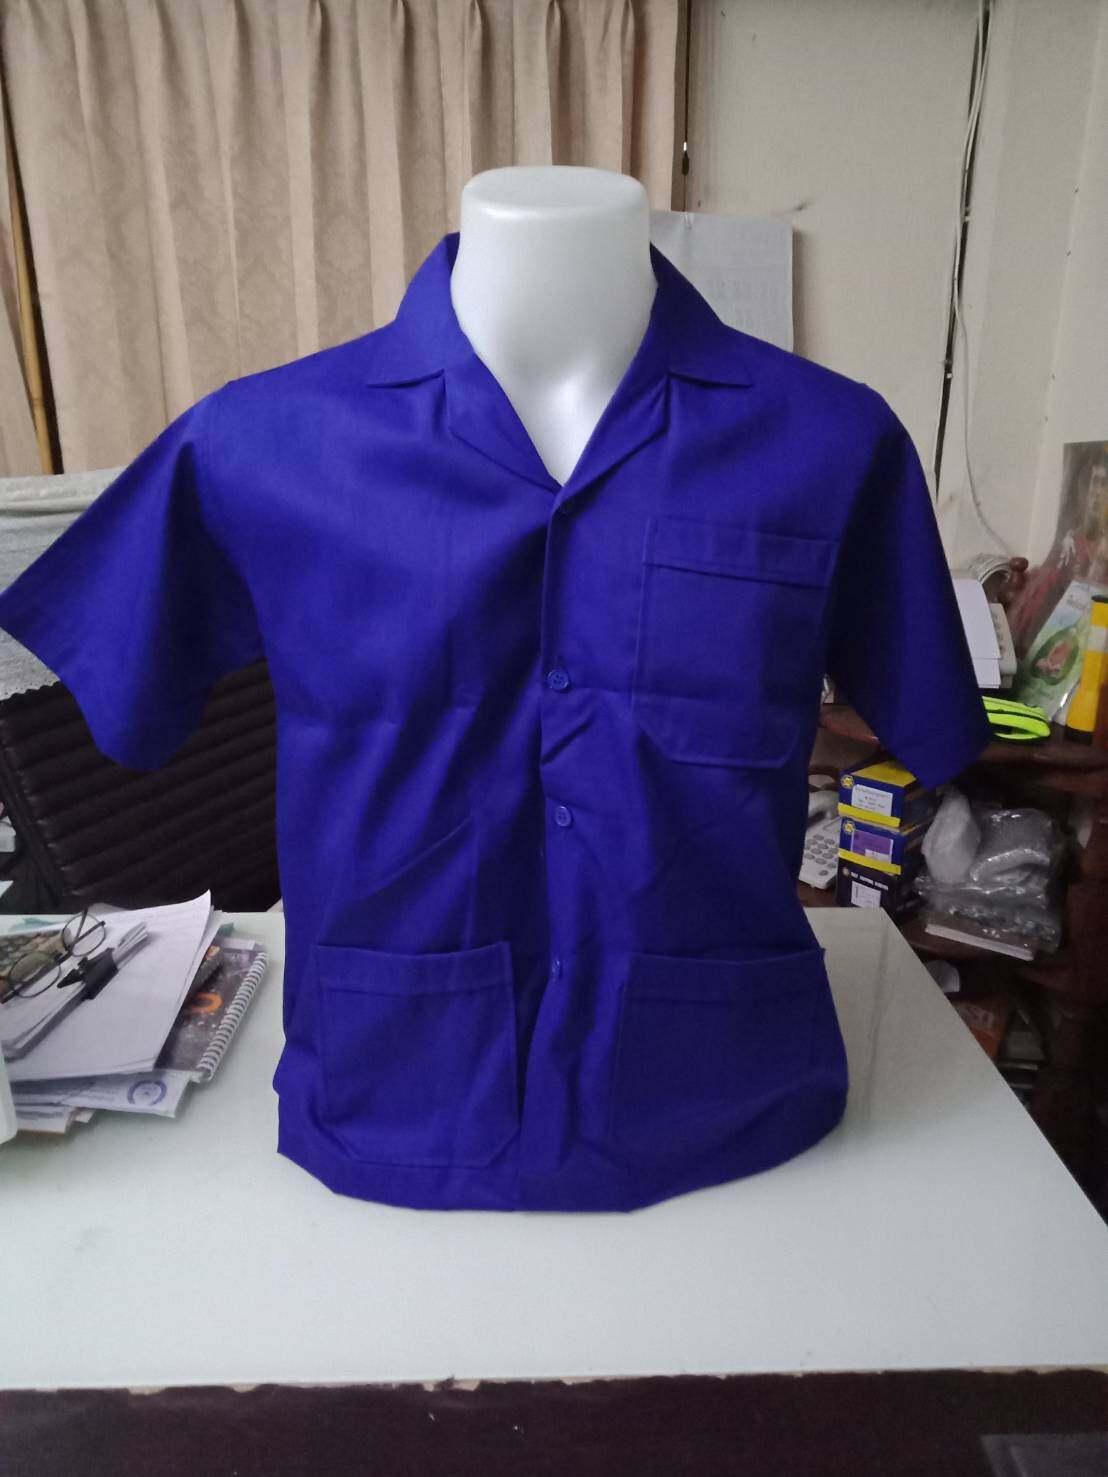 เสื้อช็อปช่างสีน้ำเงิน เสื้อช็อปสำเร็จรูป ราคาถูก !!! มีเก็บปลายทาง พร้อมส่ง.